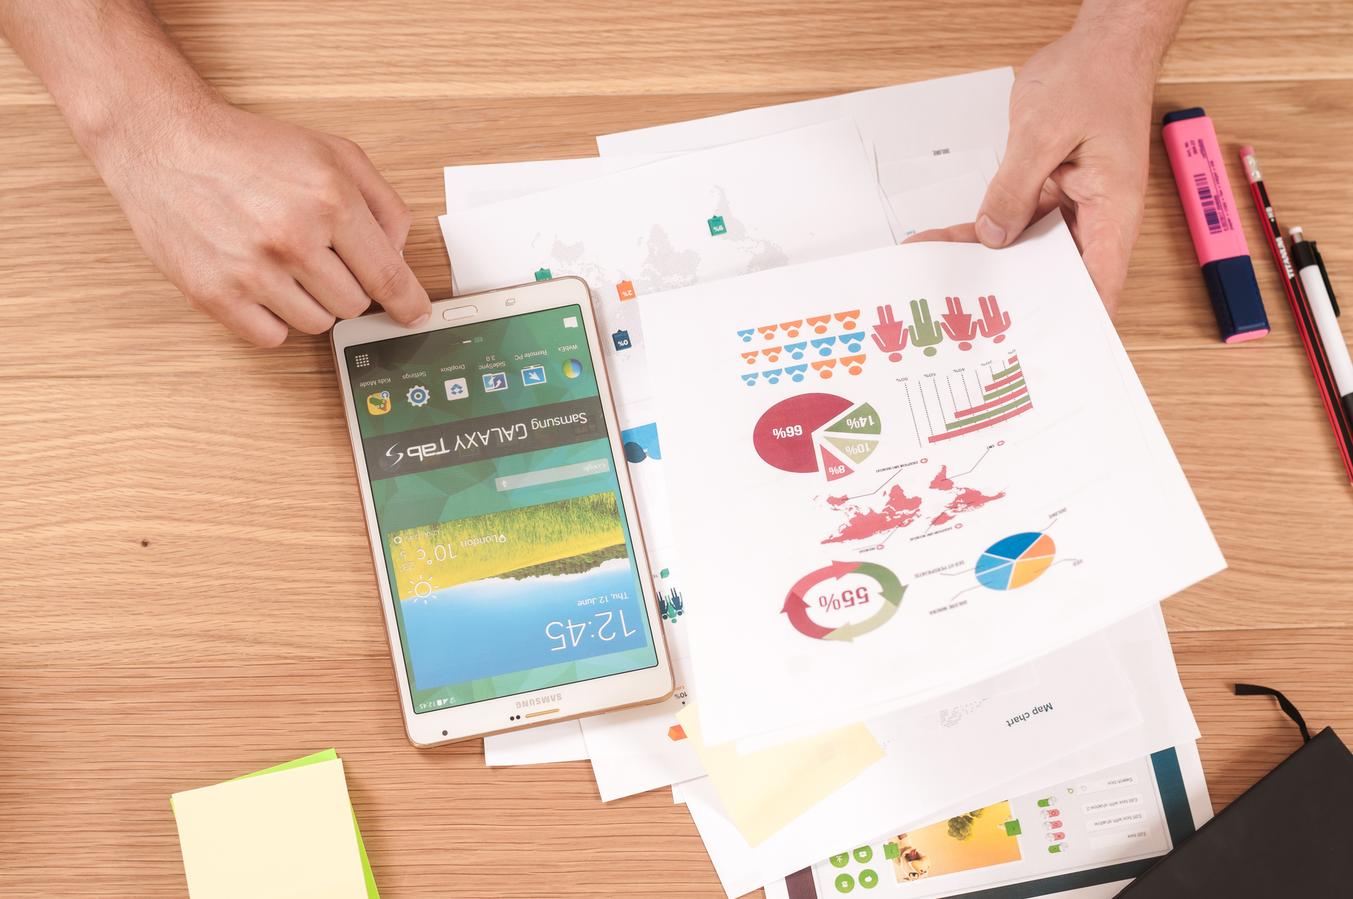 Rëndësia e strategjisë së marketingut për të tërhequr më shumë klientë